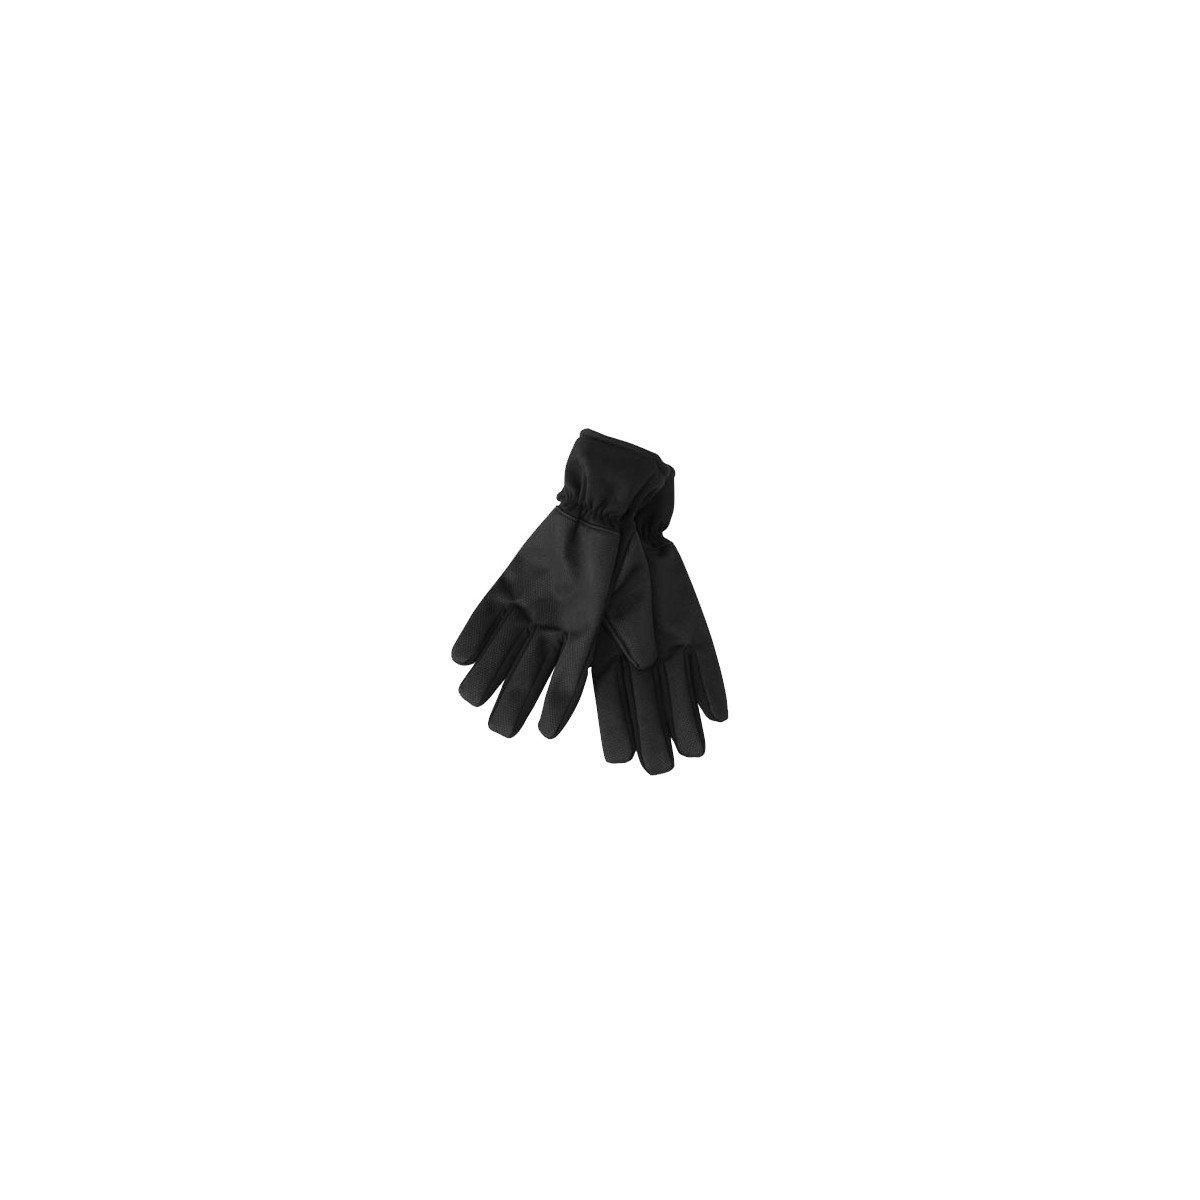 NJ Men's Running Gloves 7 Black by NJ (Image #1)